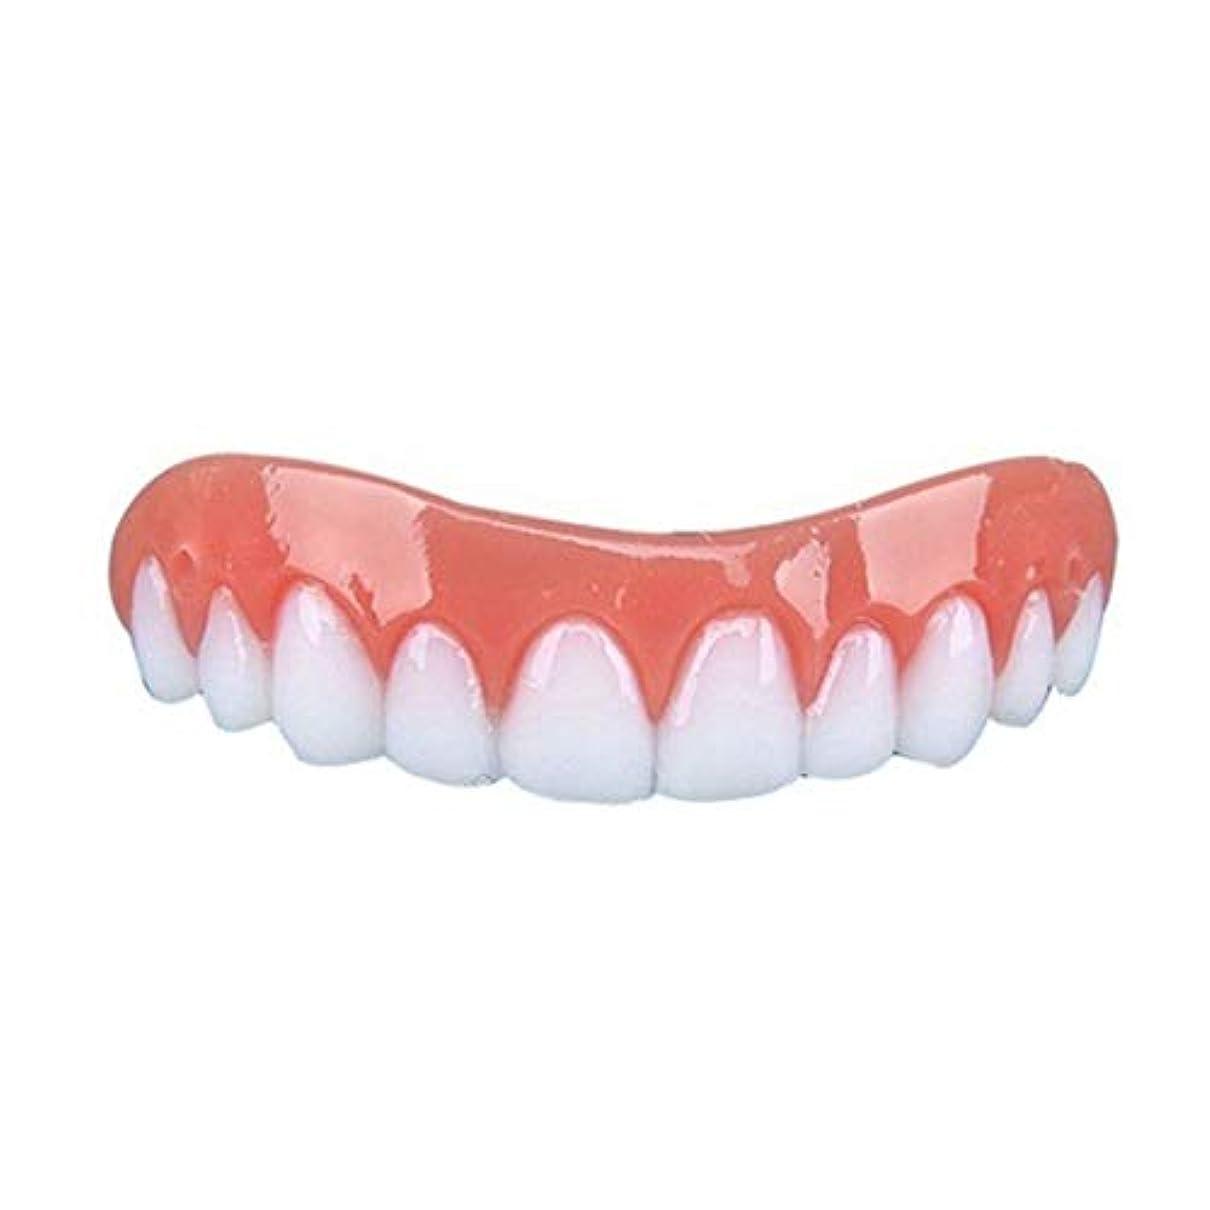 敗北保安混雑Bartram 歯カバー シリコン義歯ペースト 上歯 笑顔を保つ 歯保護 美容用 入れ歯 矯正義歯